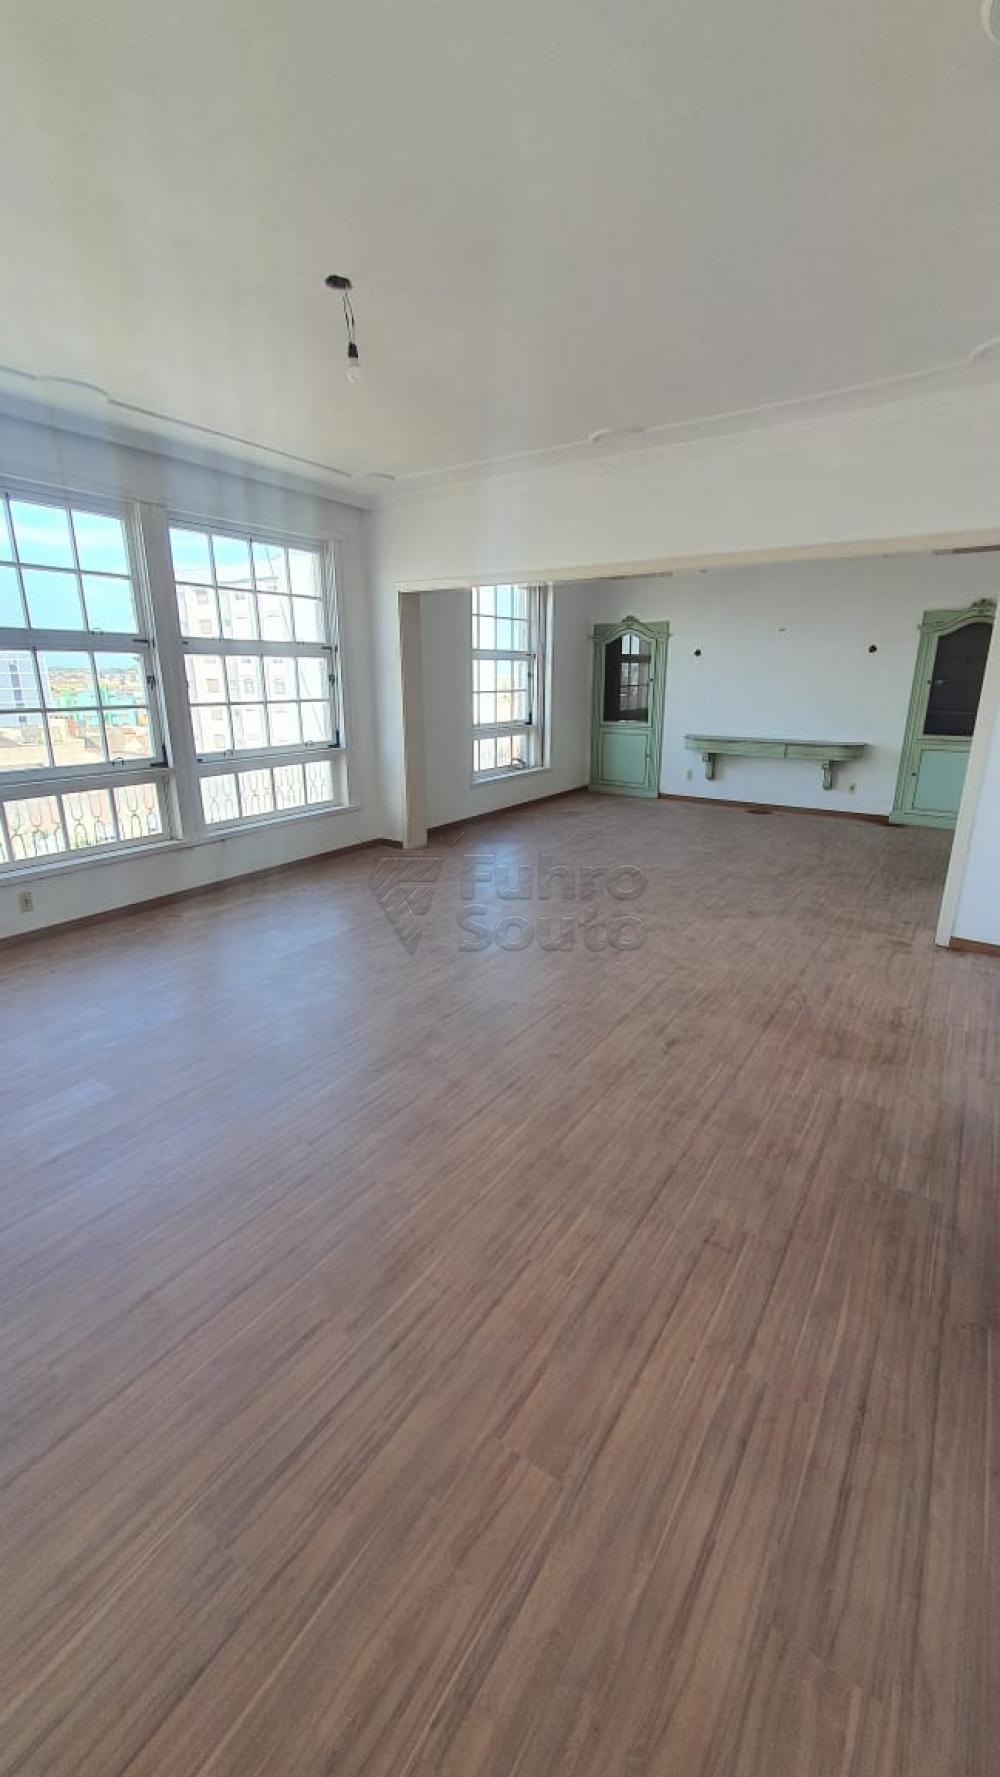 Comprar Apartamento / Padrão em Pelotas R$ 420.000,00 - Foto 8